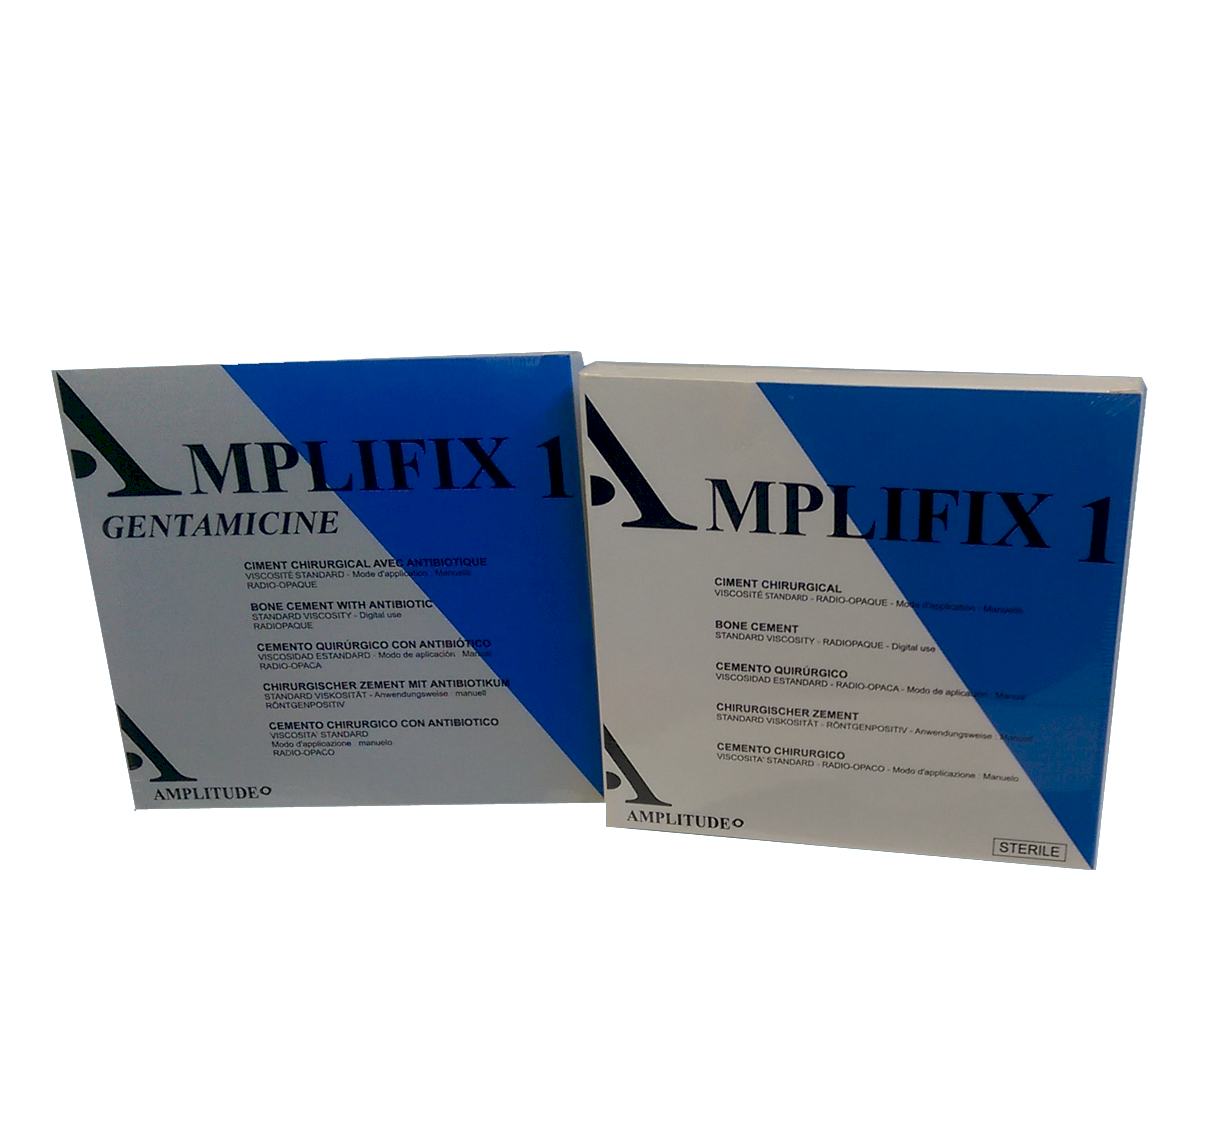 AMPLIFIX® 1